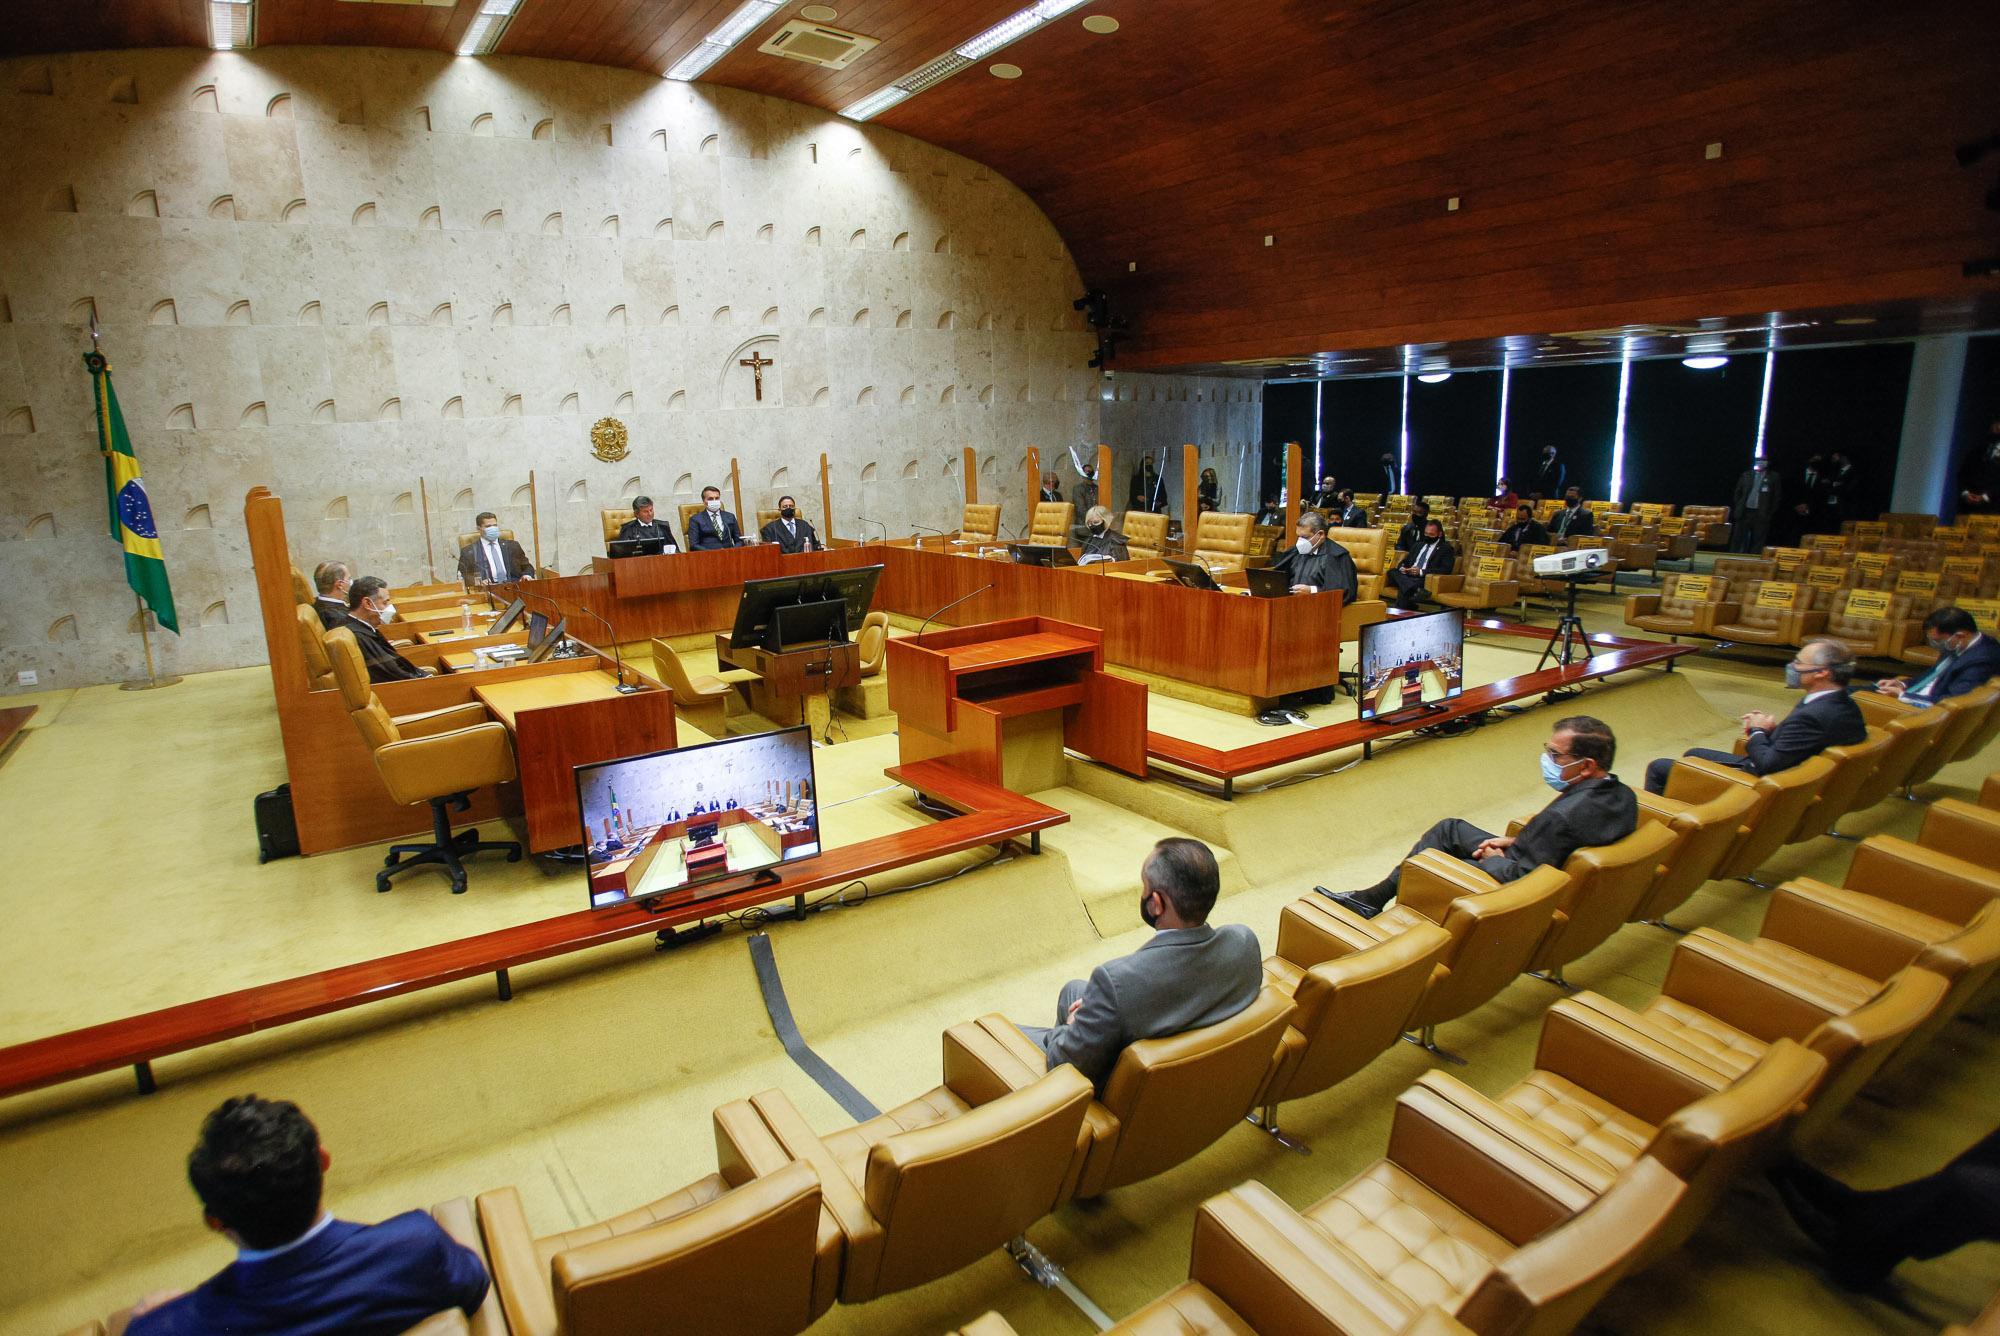 Ministros deram decisões diferentes sobre pedidos da CPI